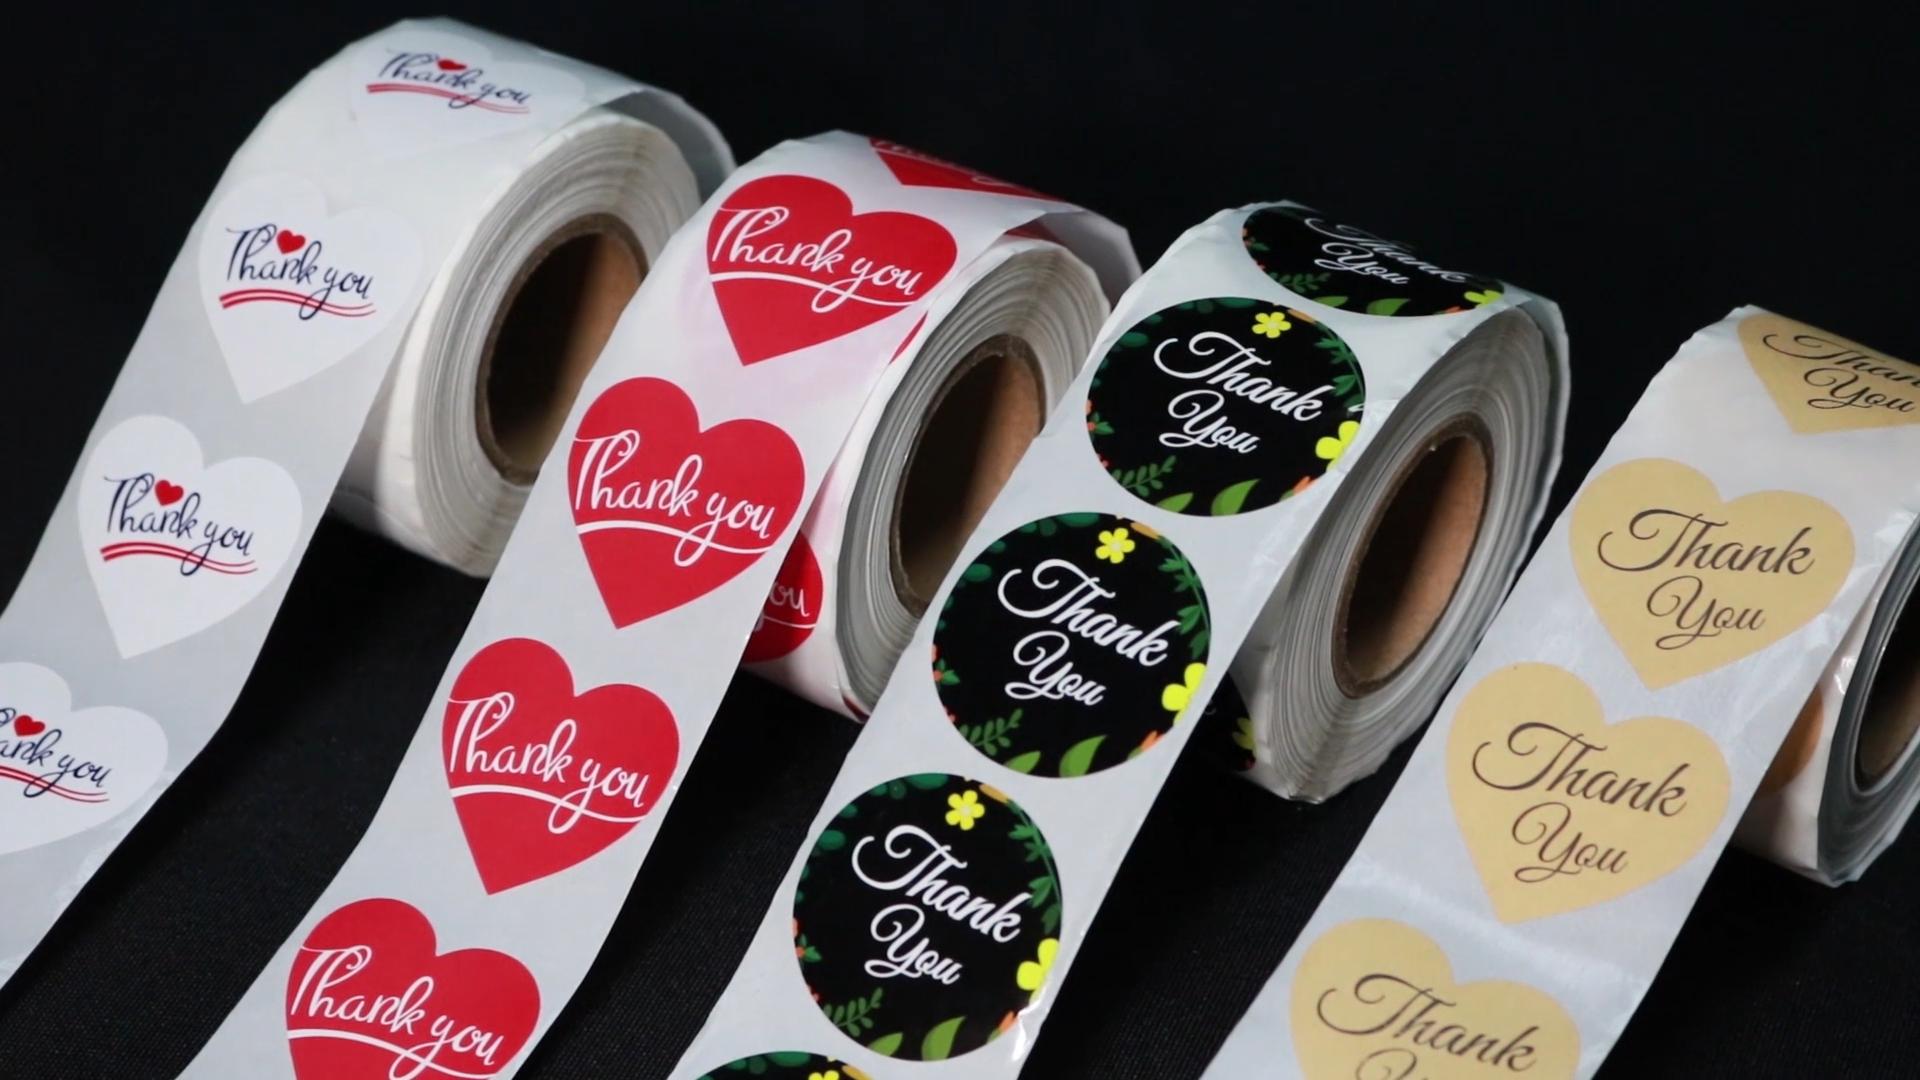 Tùy Chỉnh Cảm Ơn Bạn Nhãn Tình Yêu CuộN Sticker Glitter Vòng Sticker